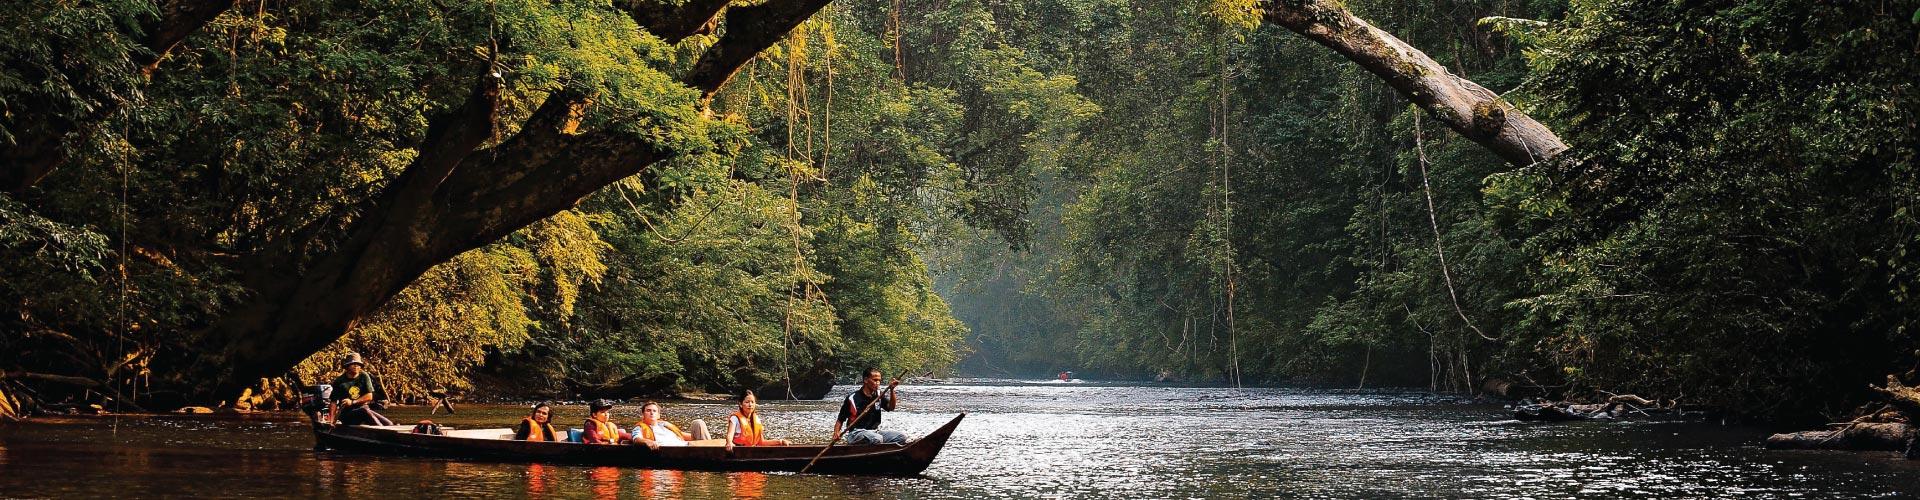 Taman Negara Package @ Mutiara Resort